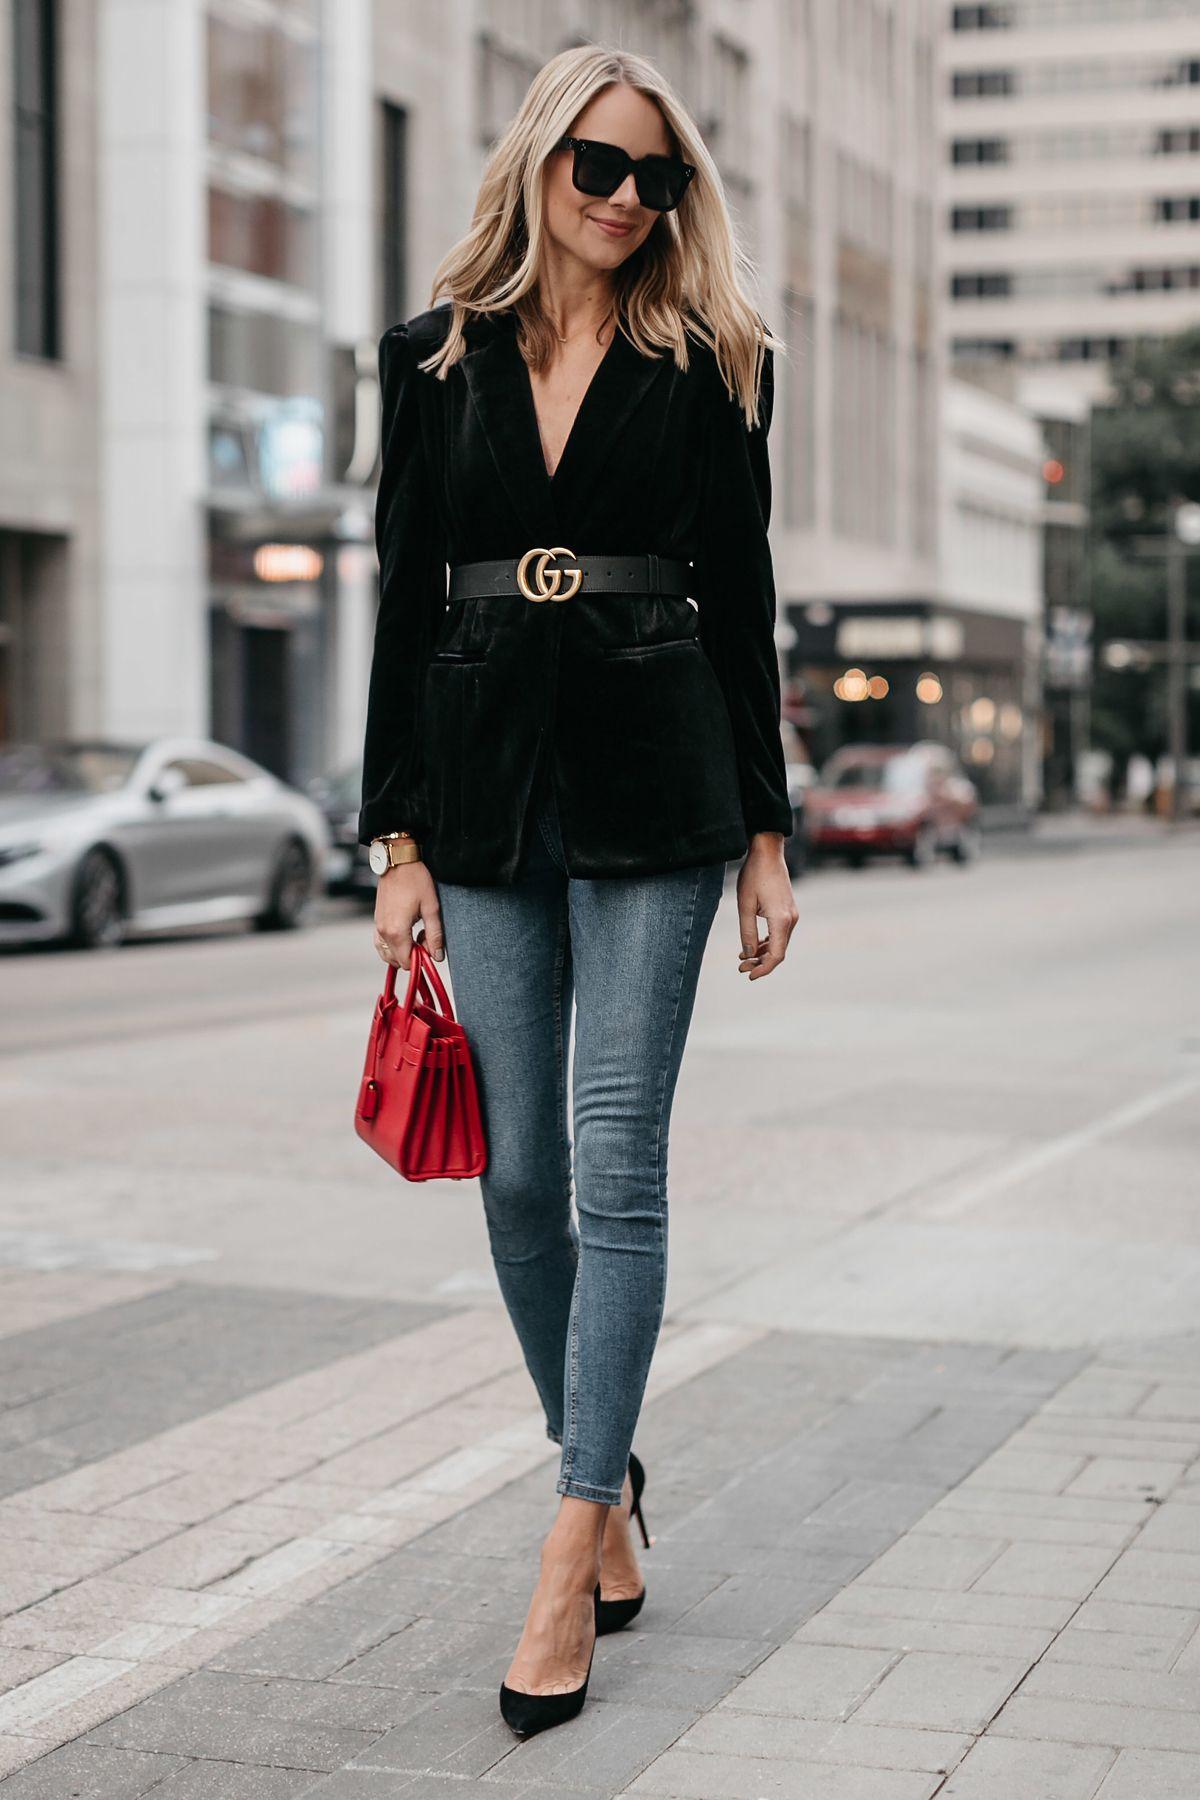 6ccdfc8cecd9f Blonde Woman Wearing Black Velvet Blazer Gucci Marmont Belt Denim Skinny  Jeans Black Pumps Saint Laurent Red Sac De Jour Fashion Jackson Dallas  Blogger ...